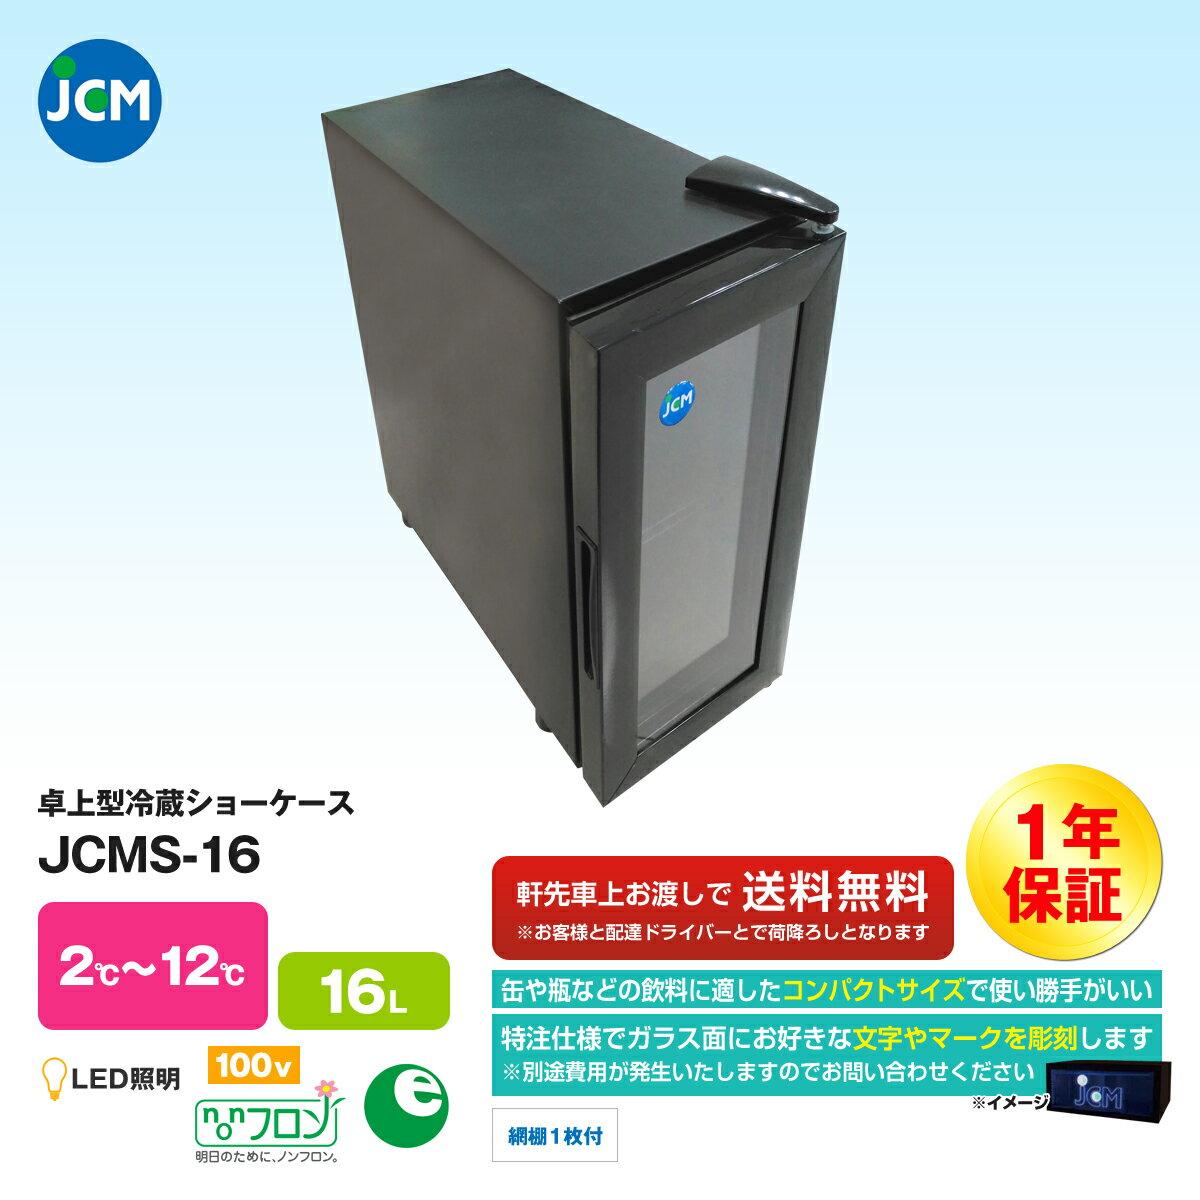 【エントリーでポイント最大10倍】JCM社製 業務用 保冷庫 冷蔵庫 16L 卓上 冷蔵 ショーケース (両面扉) JCMS-16 新品